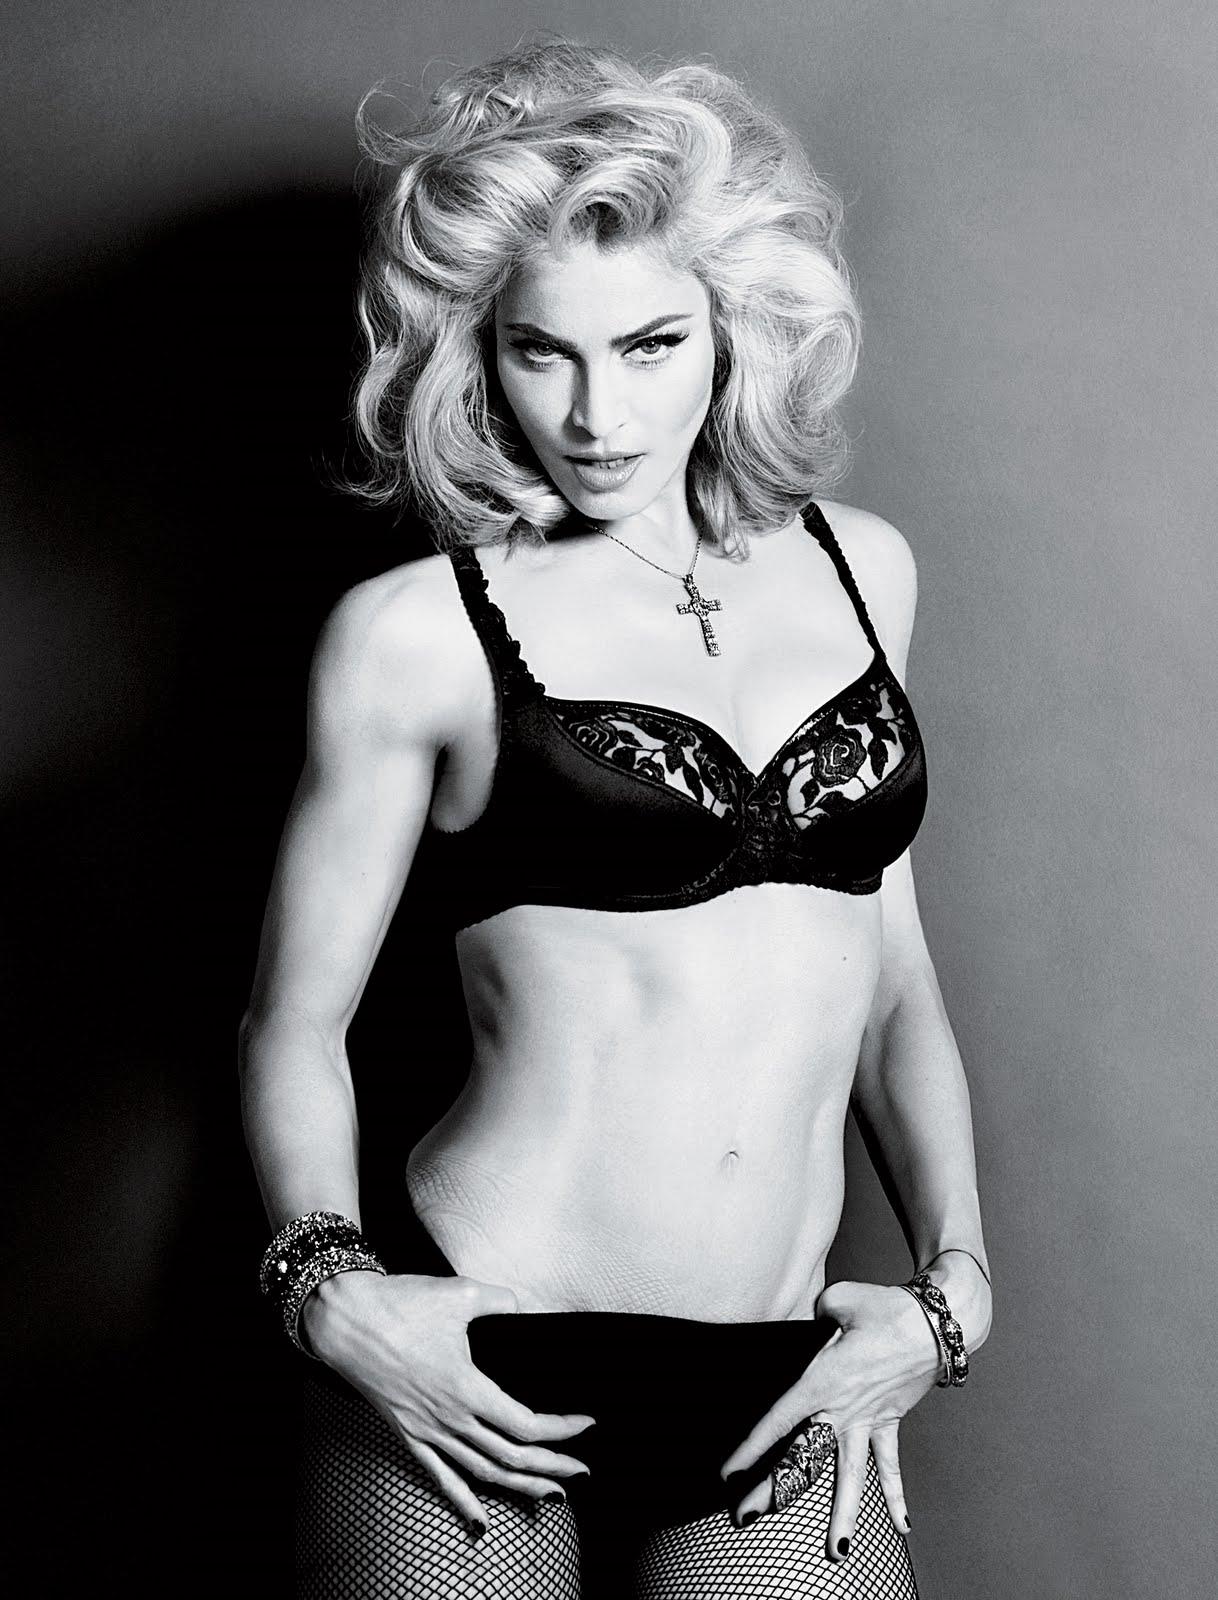 http://3.bp.blogspot.com/_HAMVS3O-oas/S98tW7NO09I/AAAAAAAAD0s/uj6Ou0d1Fws/s1600/2010+-+Madonna+by+Alas+%26+Piggott+for+Interview+-+09.jpg